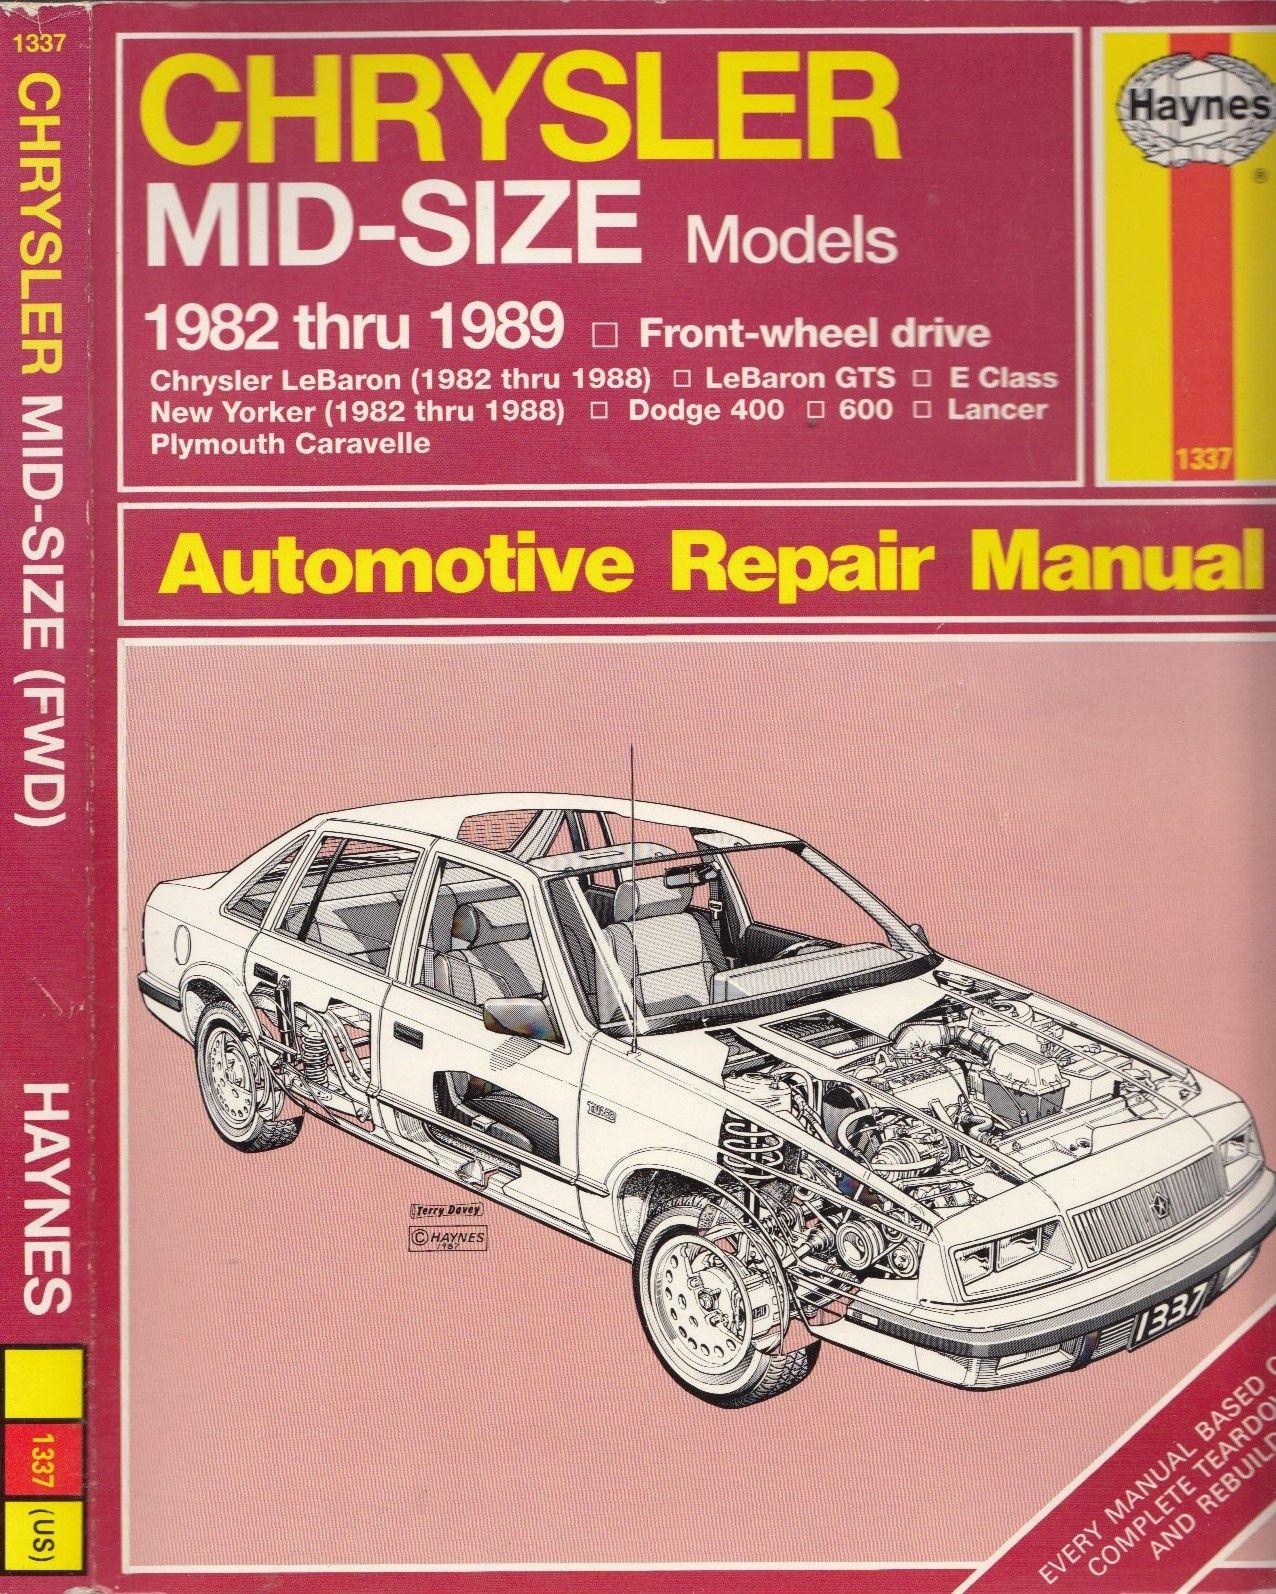 9781850107088 - Chrysler mid-size front wheel drive ... on chrysler new yorker, chrysler lebaron forum, chrysler laser, chrysler lebaron problems, chrysler lebaron motor,